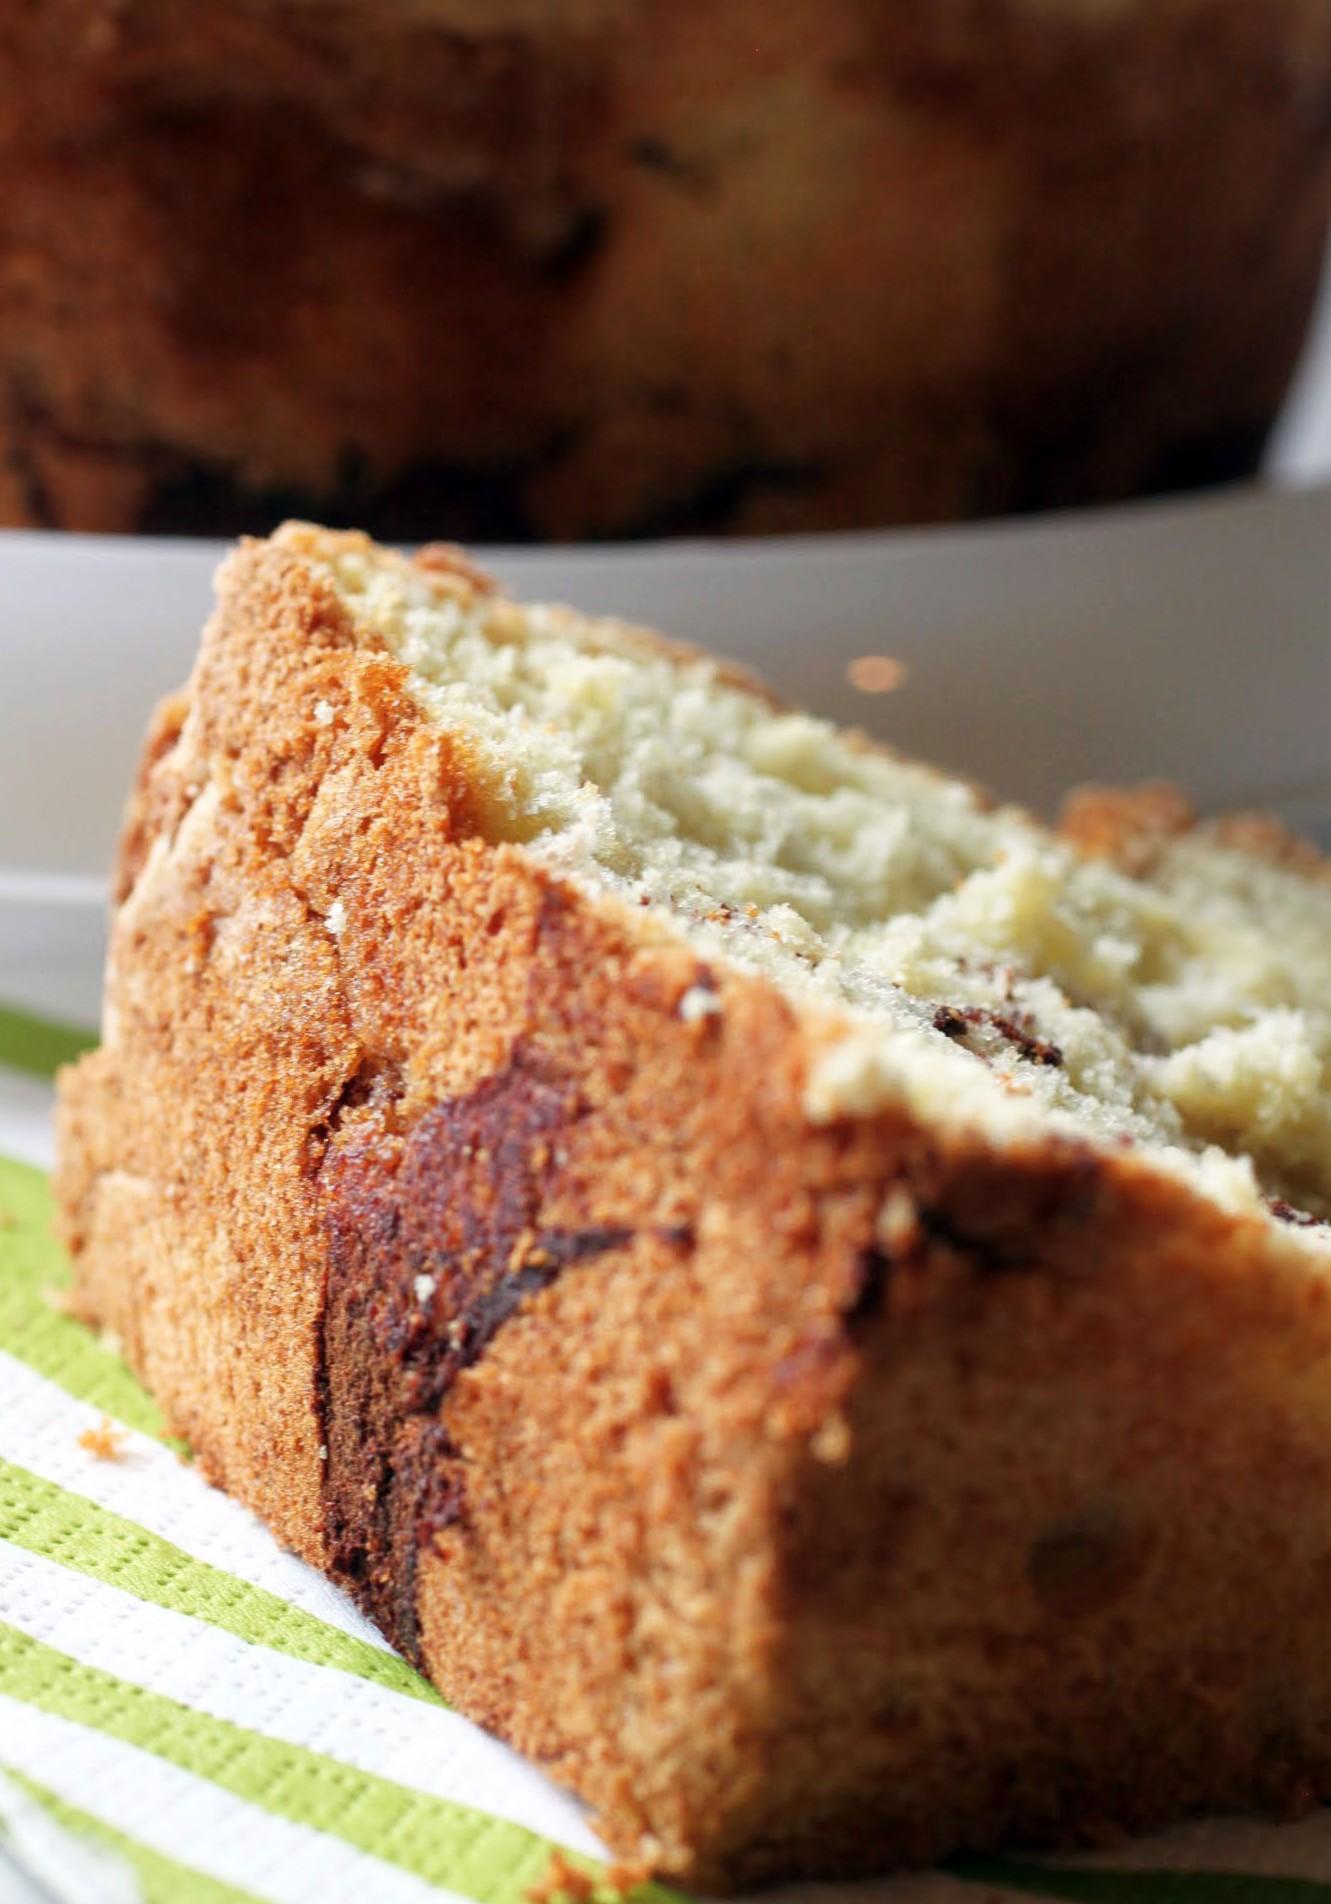 The Best Sponge Cake